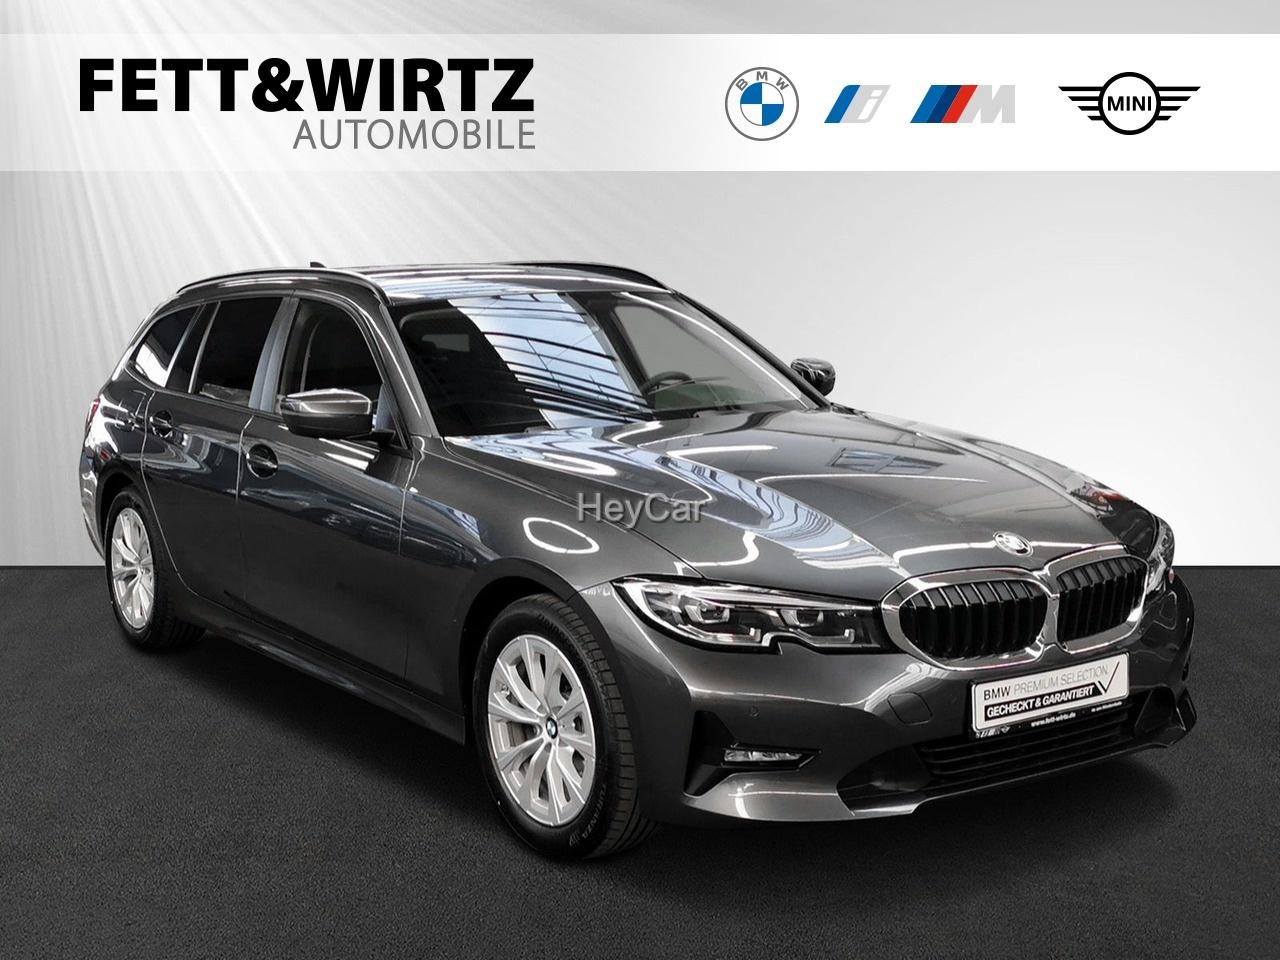 BMW 318d Touring Aut. AHK LC+ Dr.-As. LED, Jahr 2020, Diesel